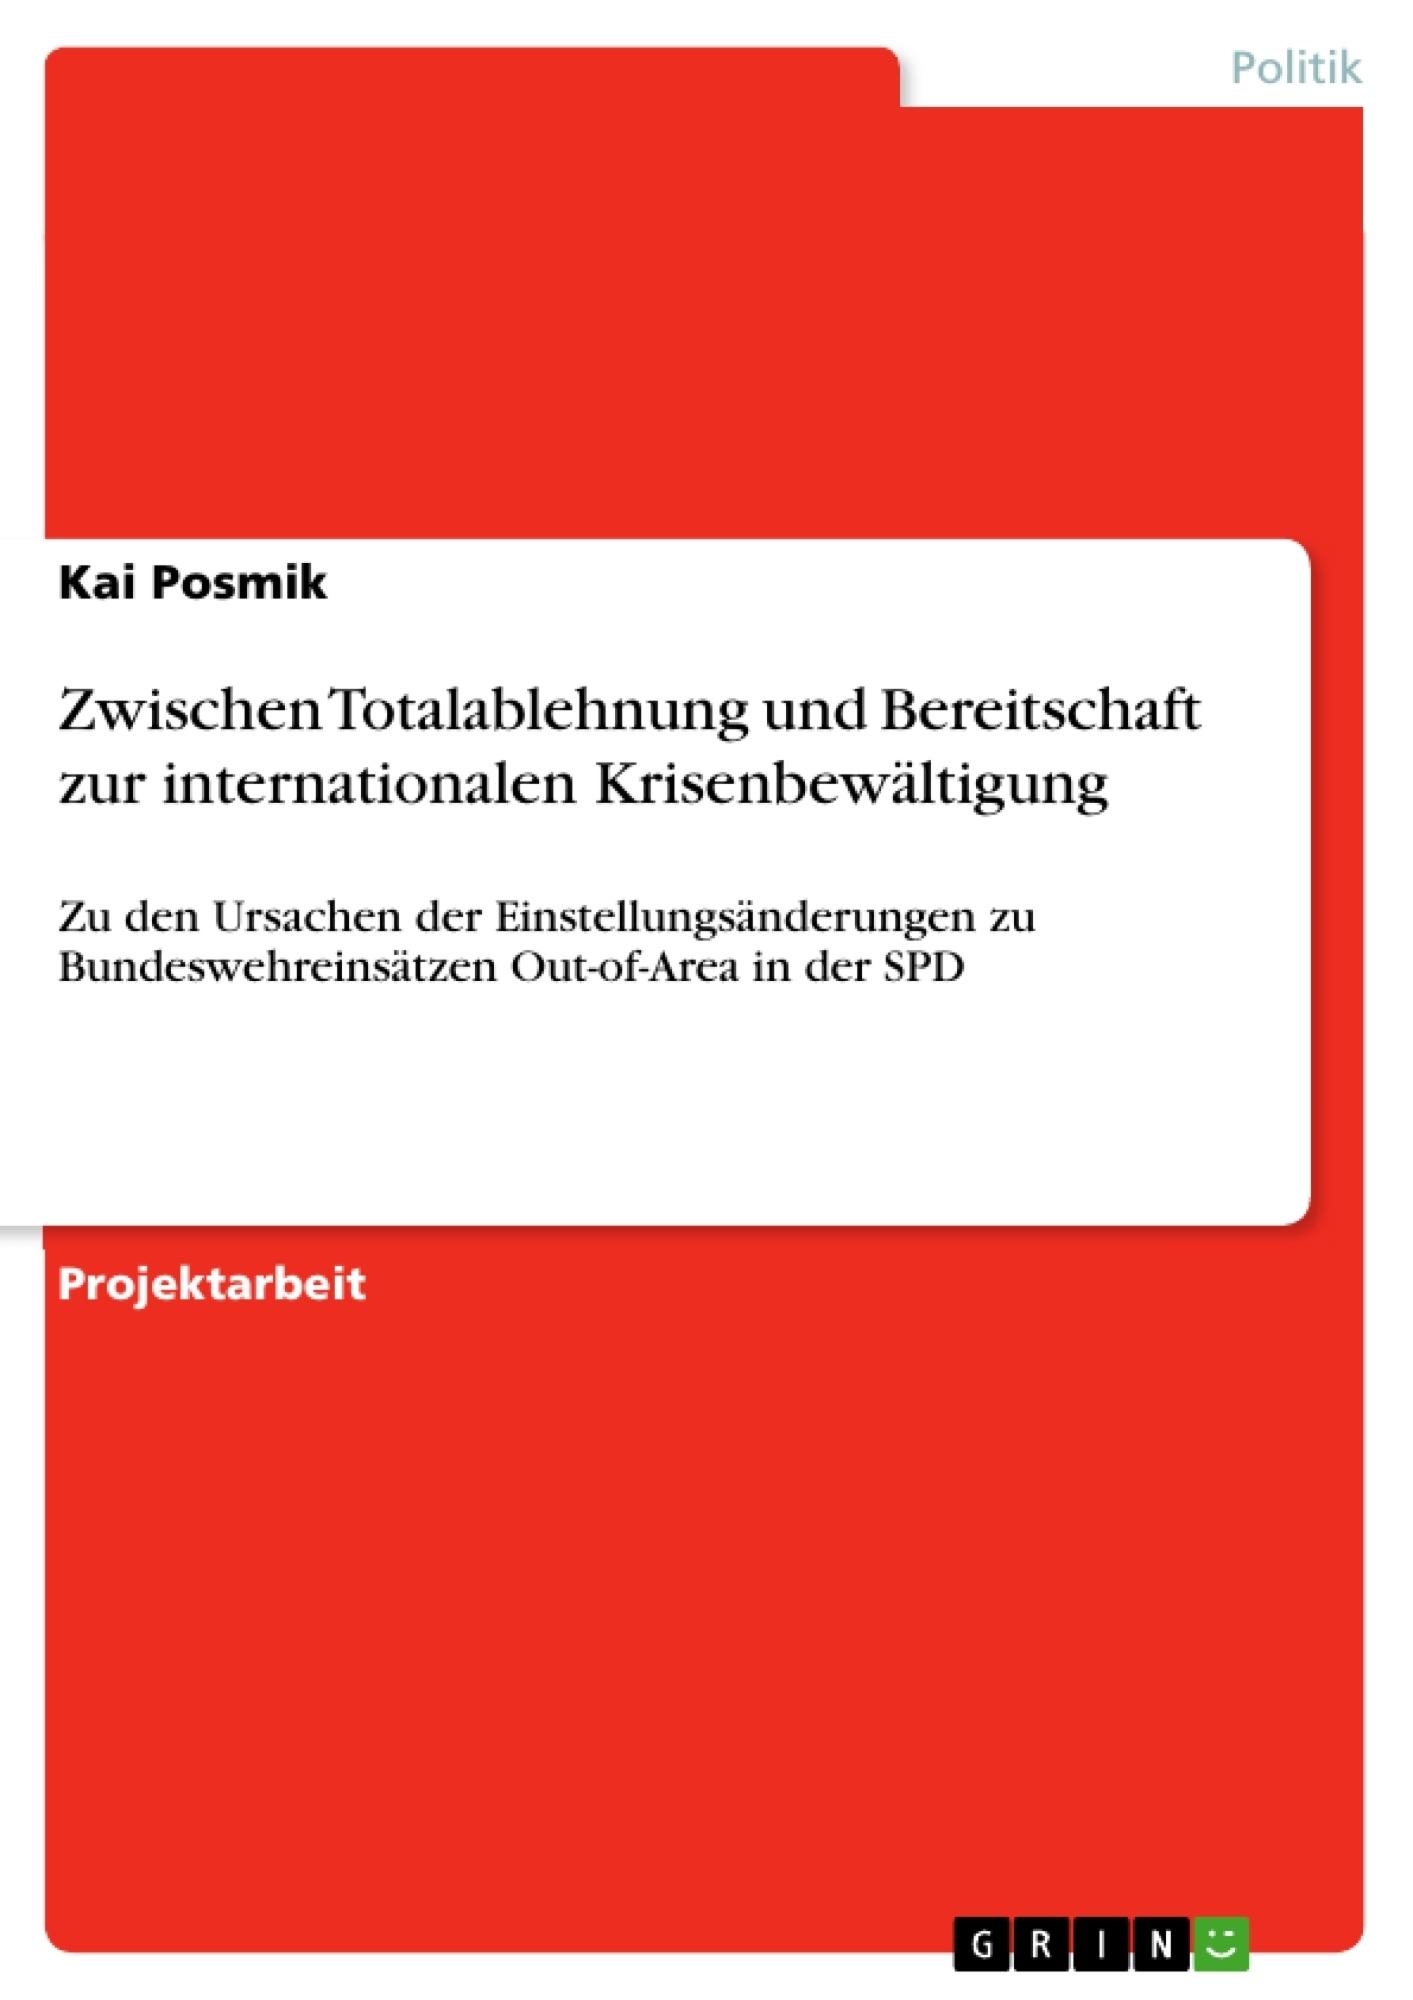 Titel: Zwischen Totalablehnung und Bereitschaft zur internationalen Krisenbewältigung